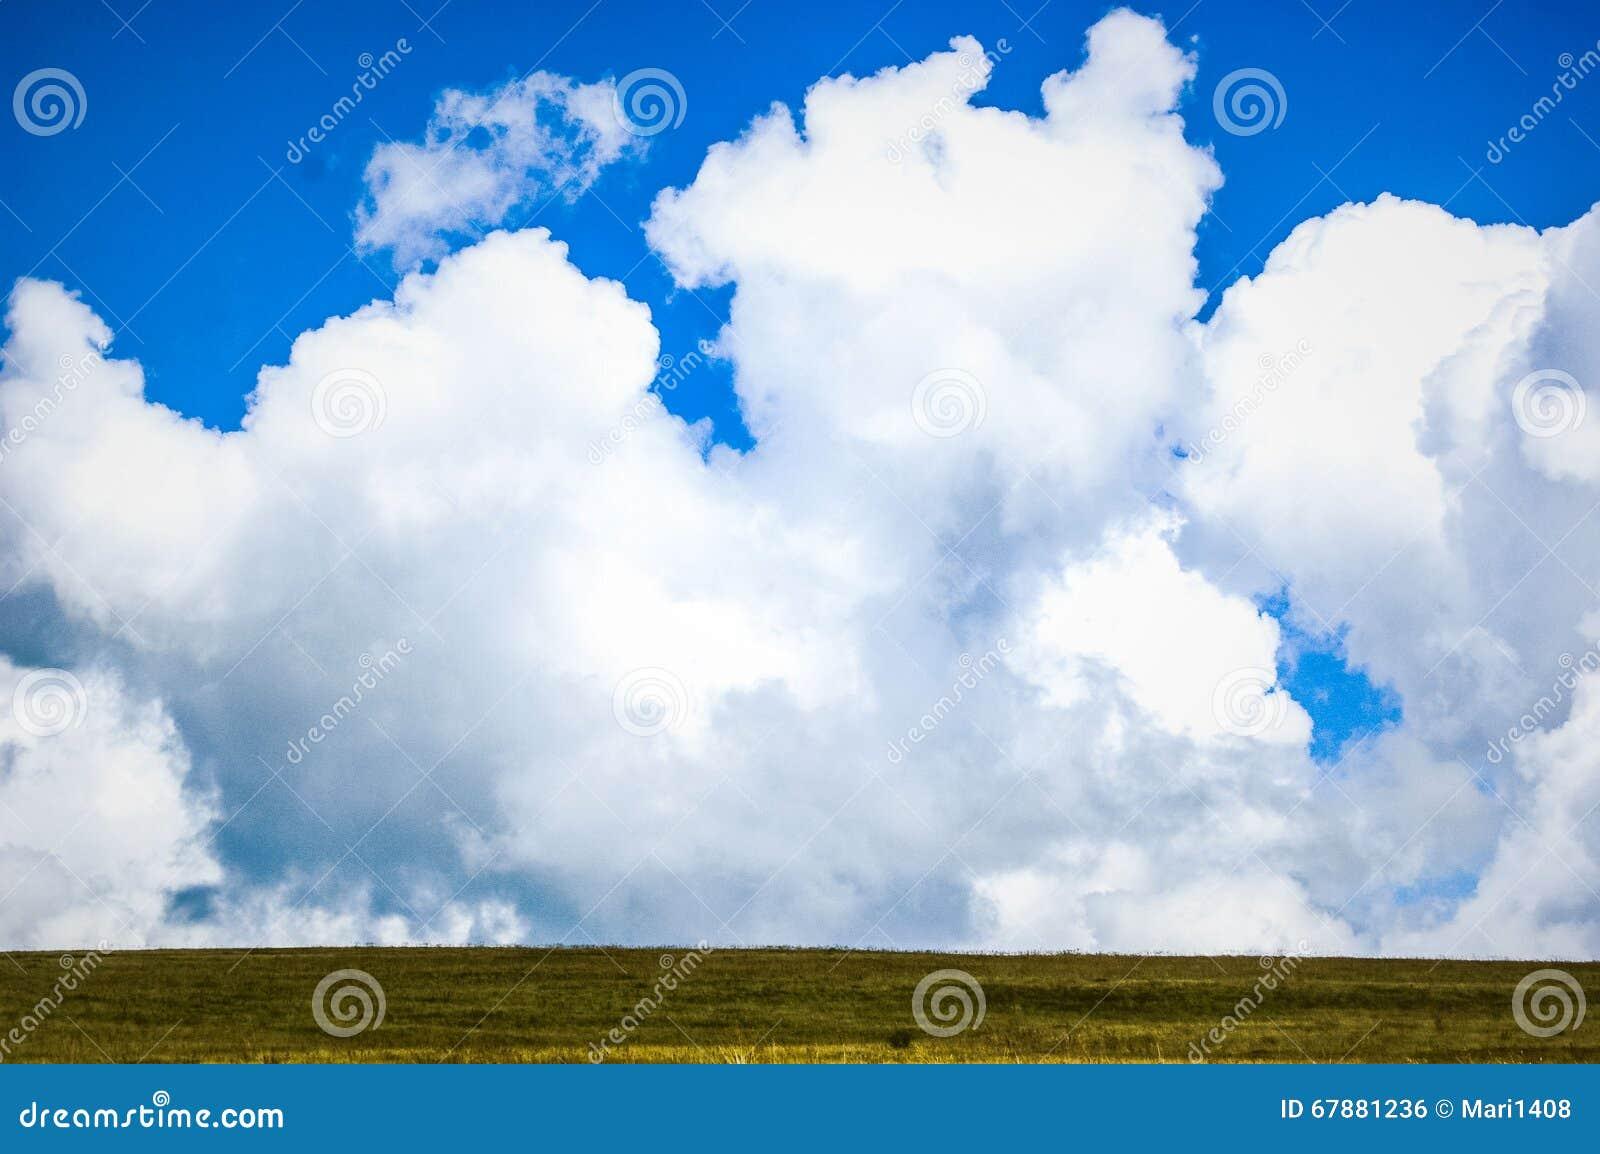 Große Wolken und Feld